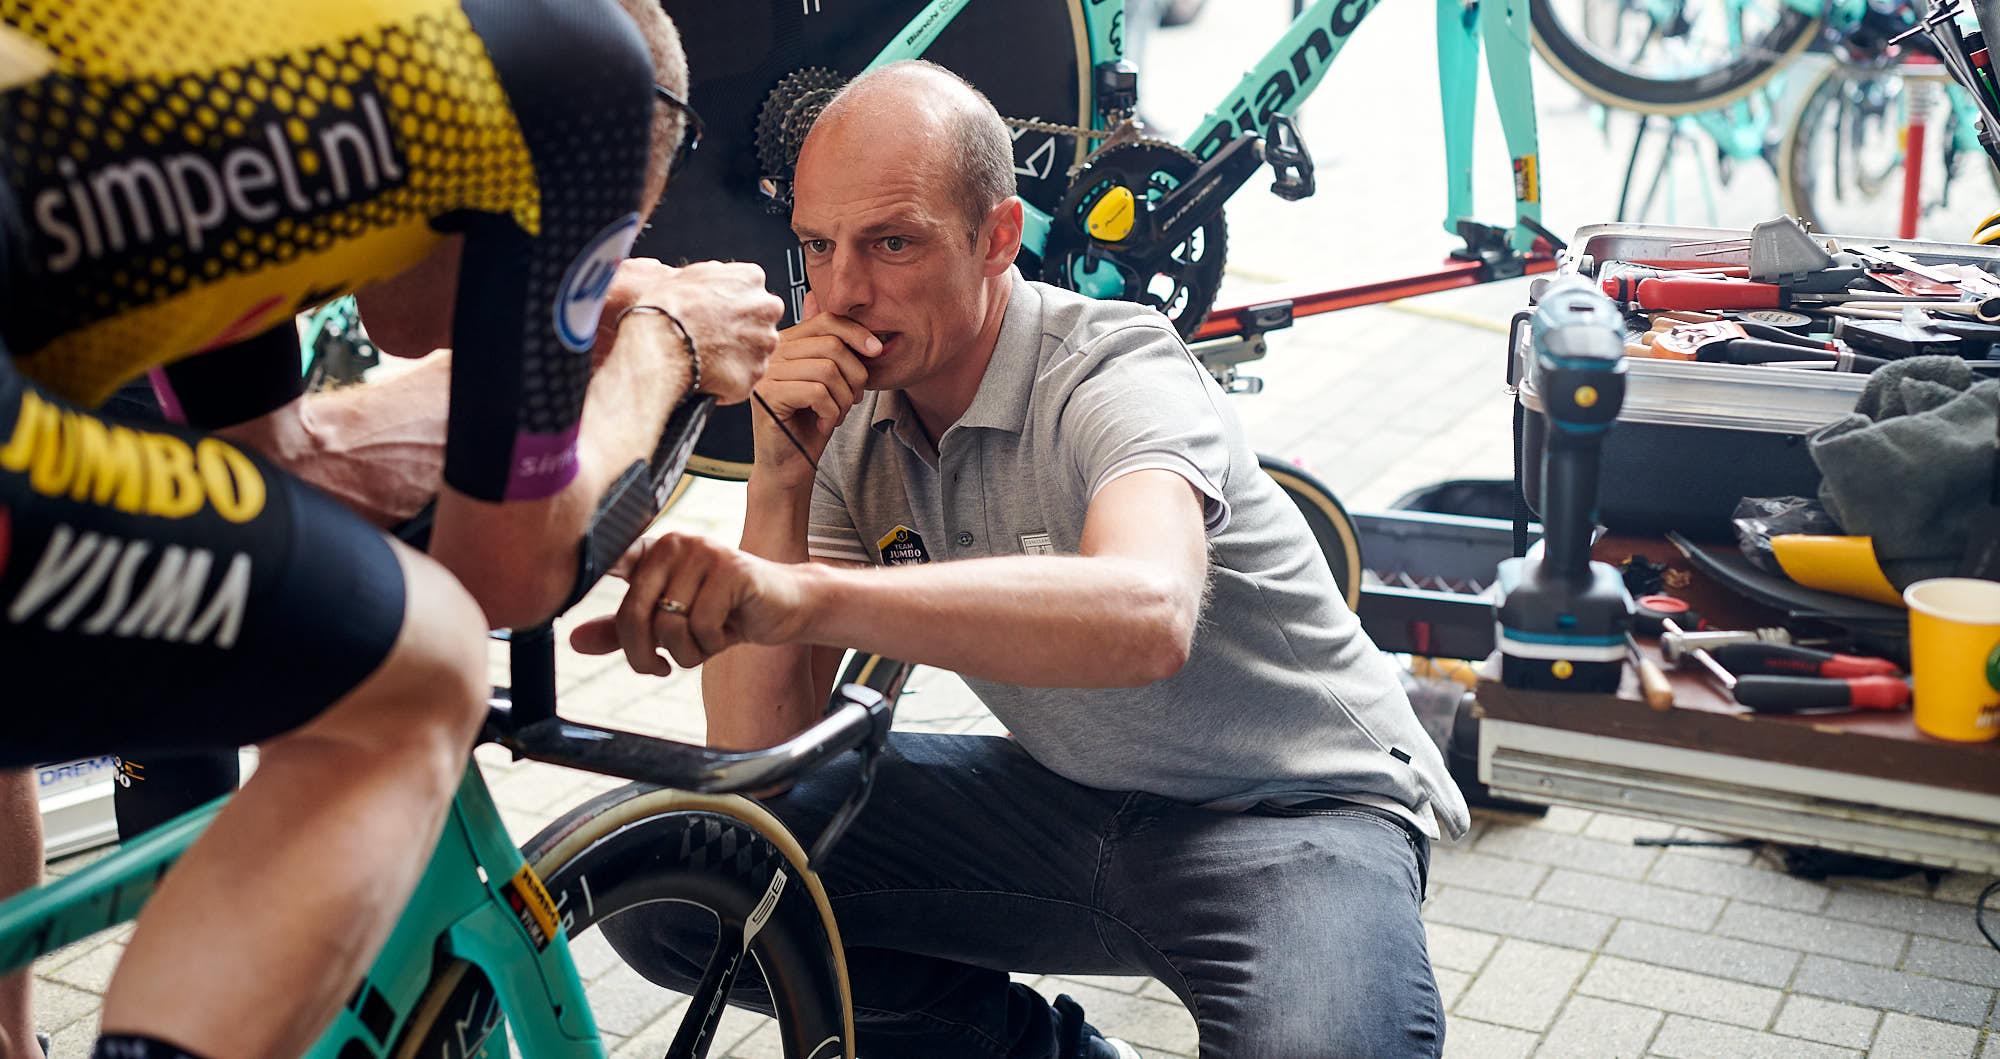 Jumbo-Visma's Mathieu Heijboer fine-tuning a bike setup